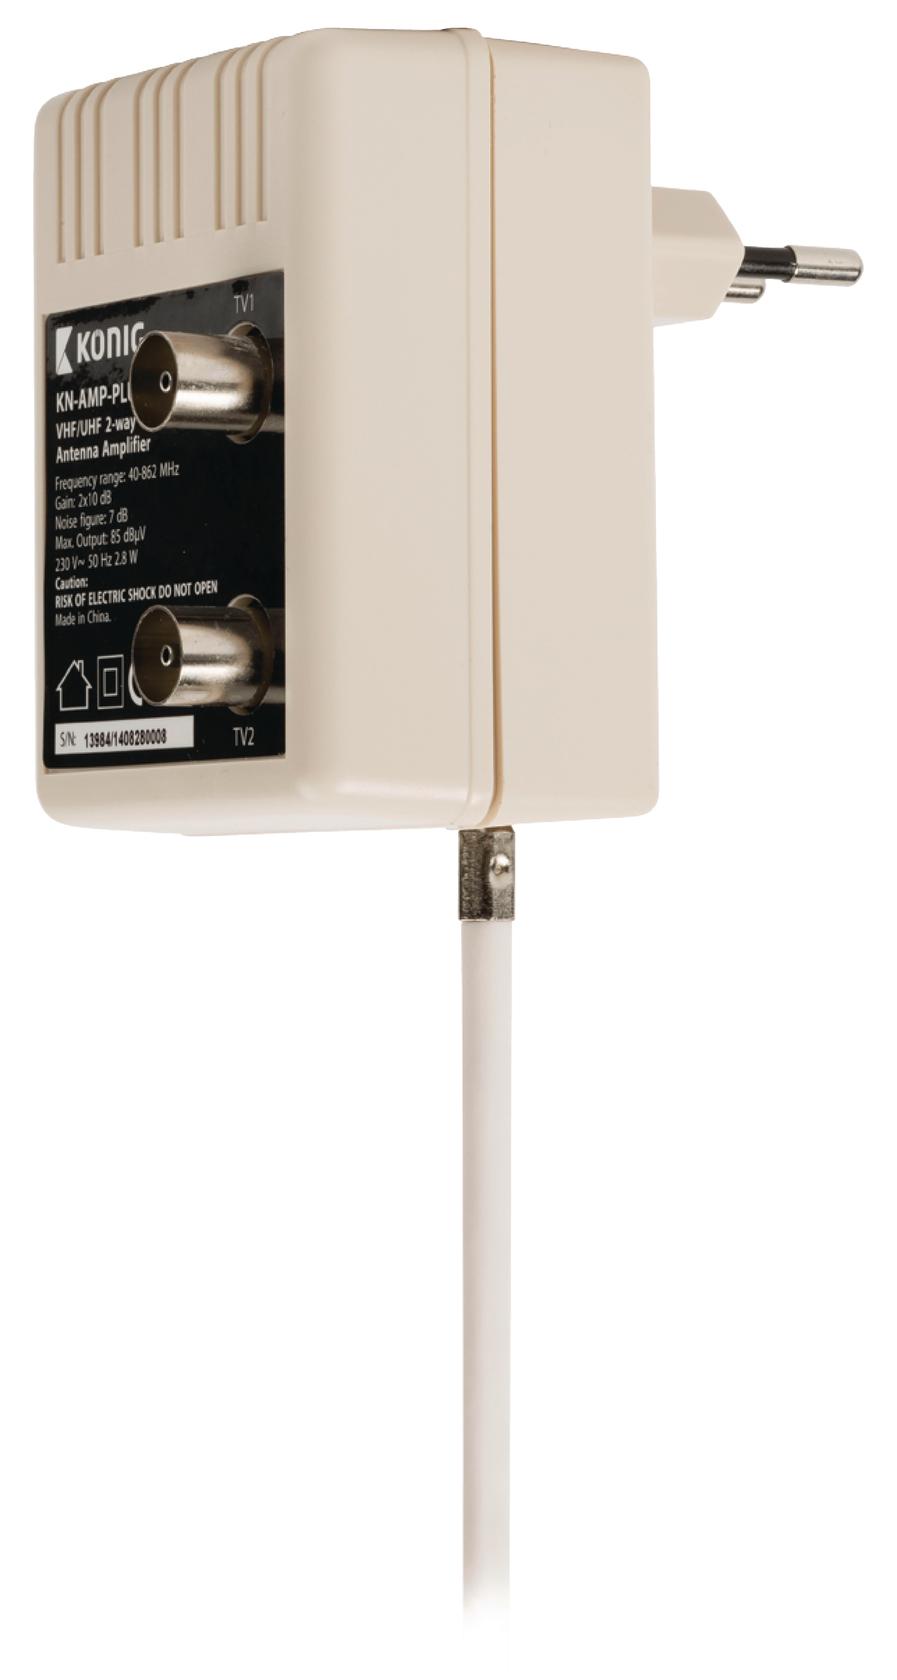 Konig Plug-in TV-versterker 10 dB, 2 uitgangen (KN-AMP-PLUG)